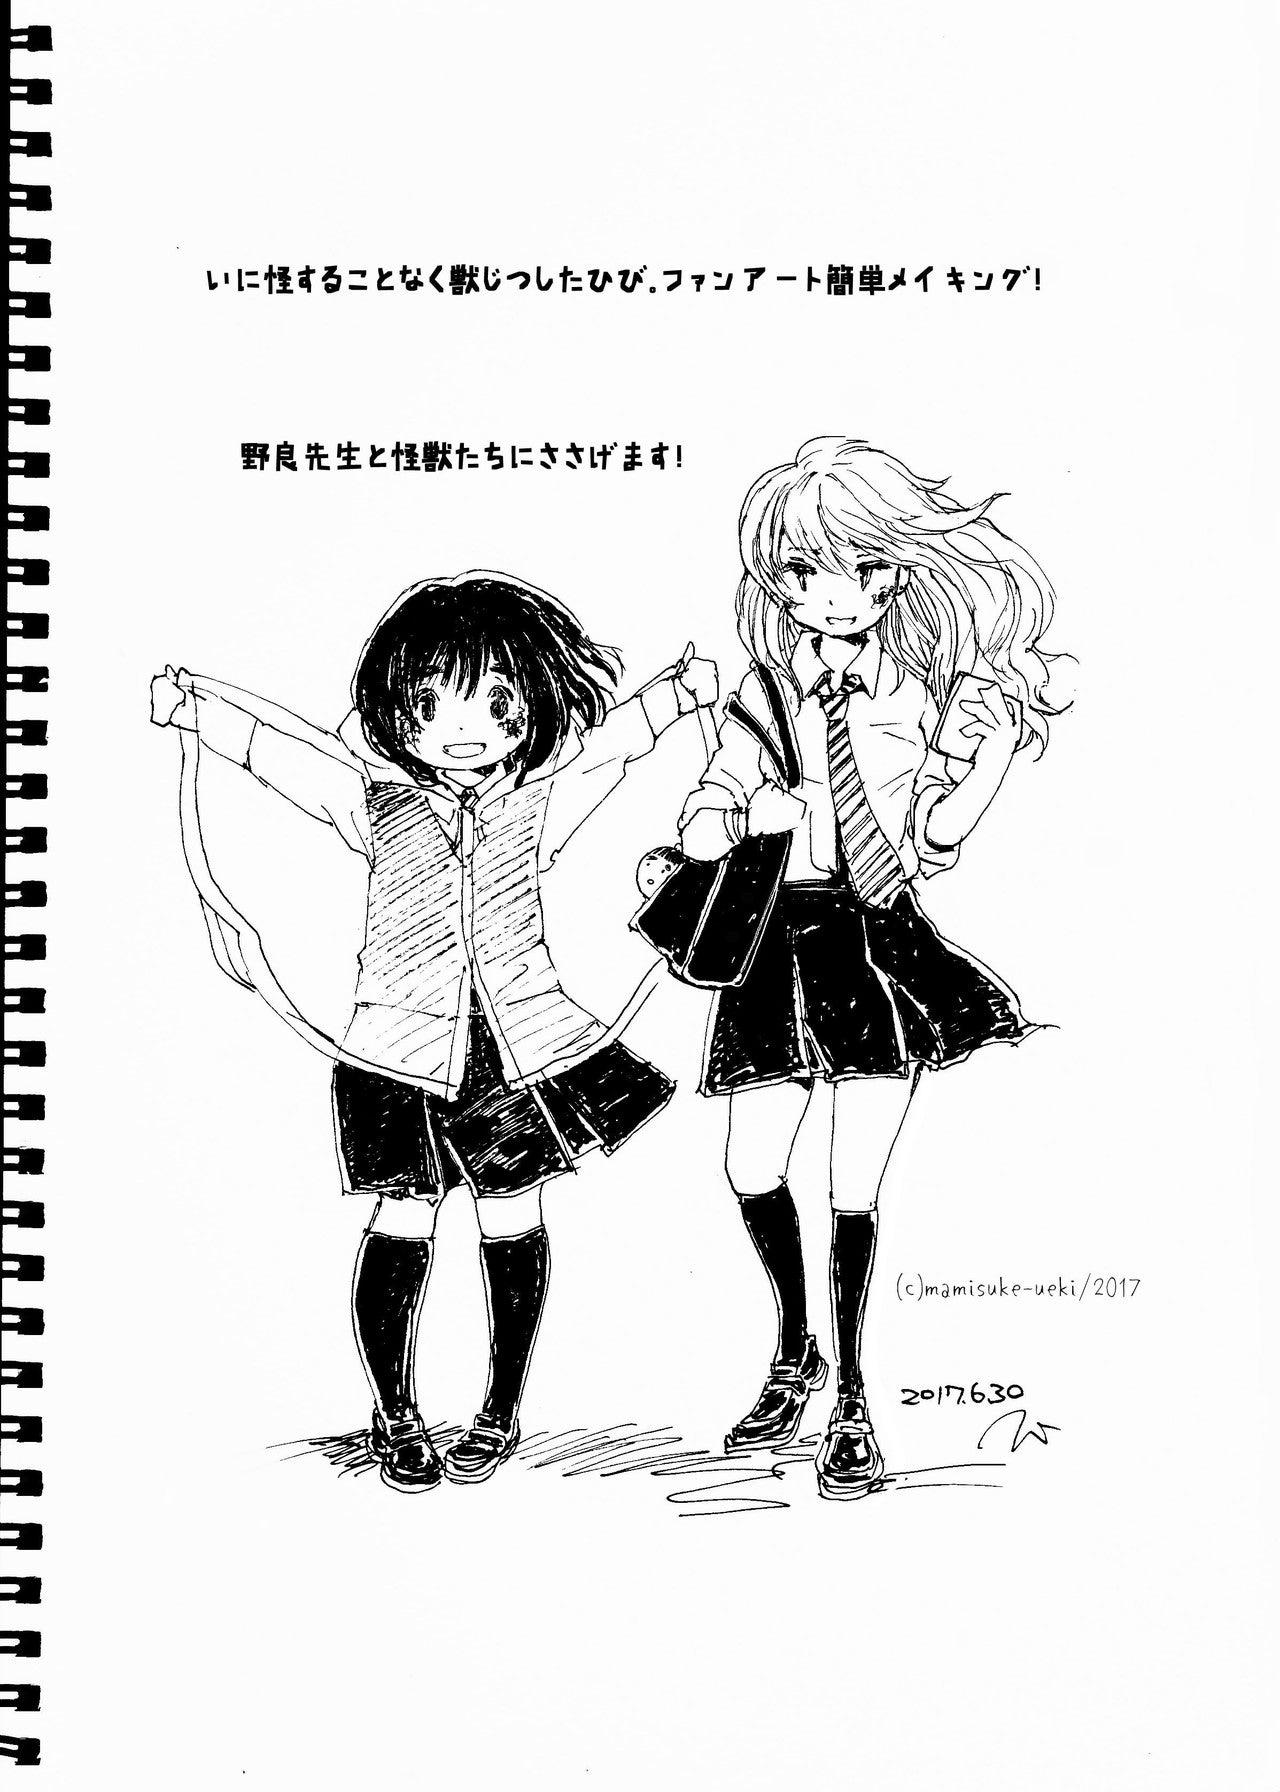 いにかい_ファンアート03